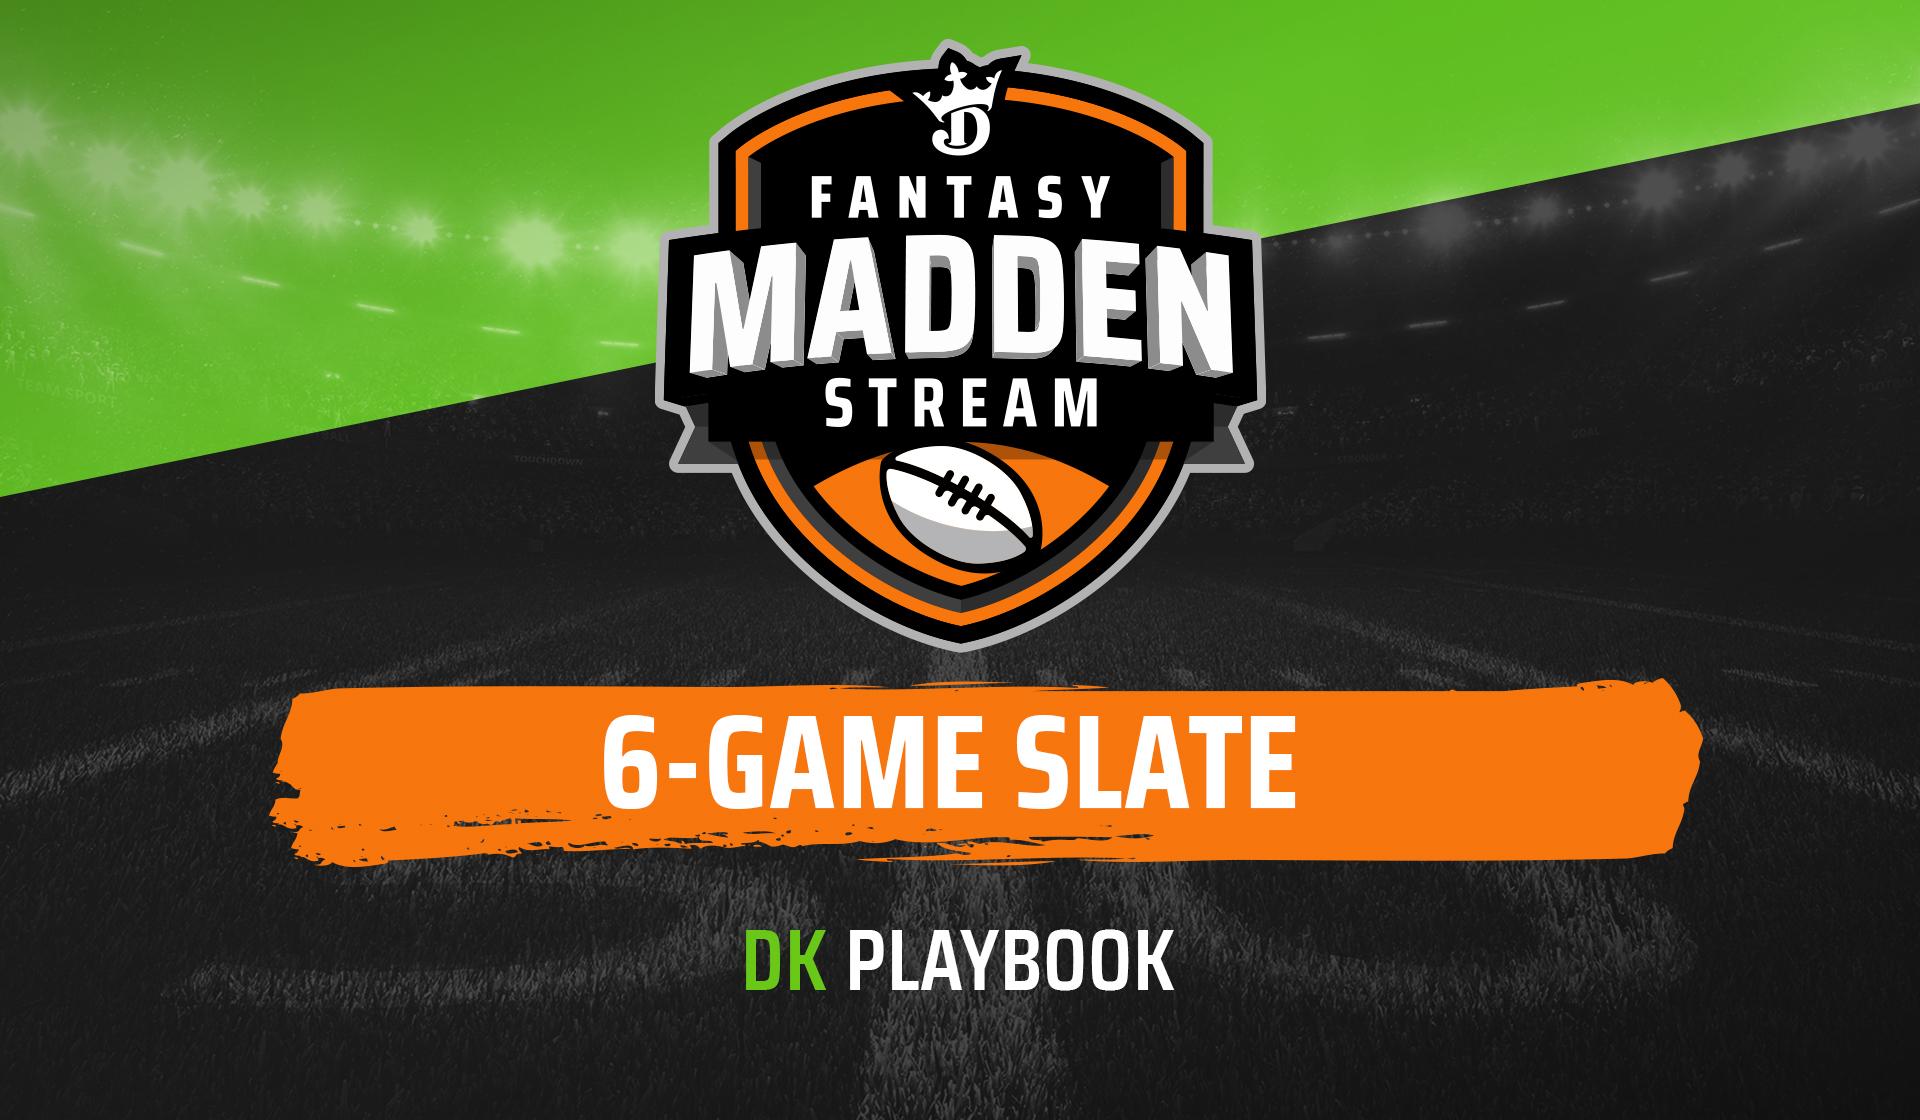 6-game slate